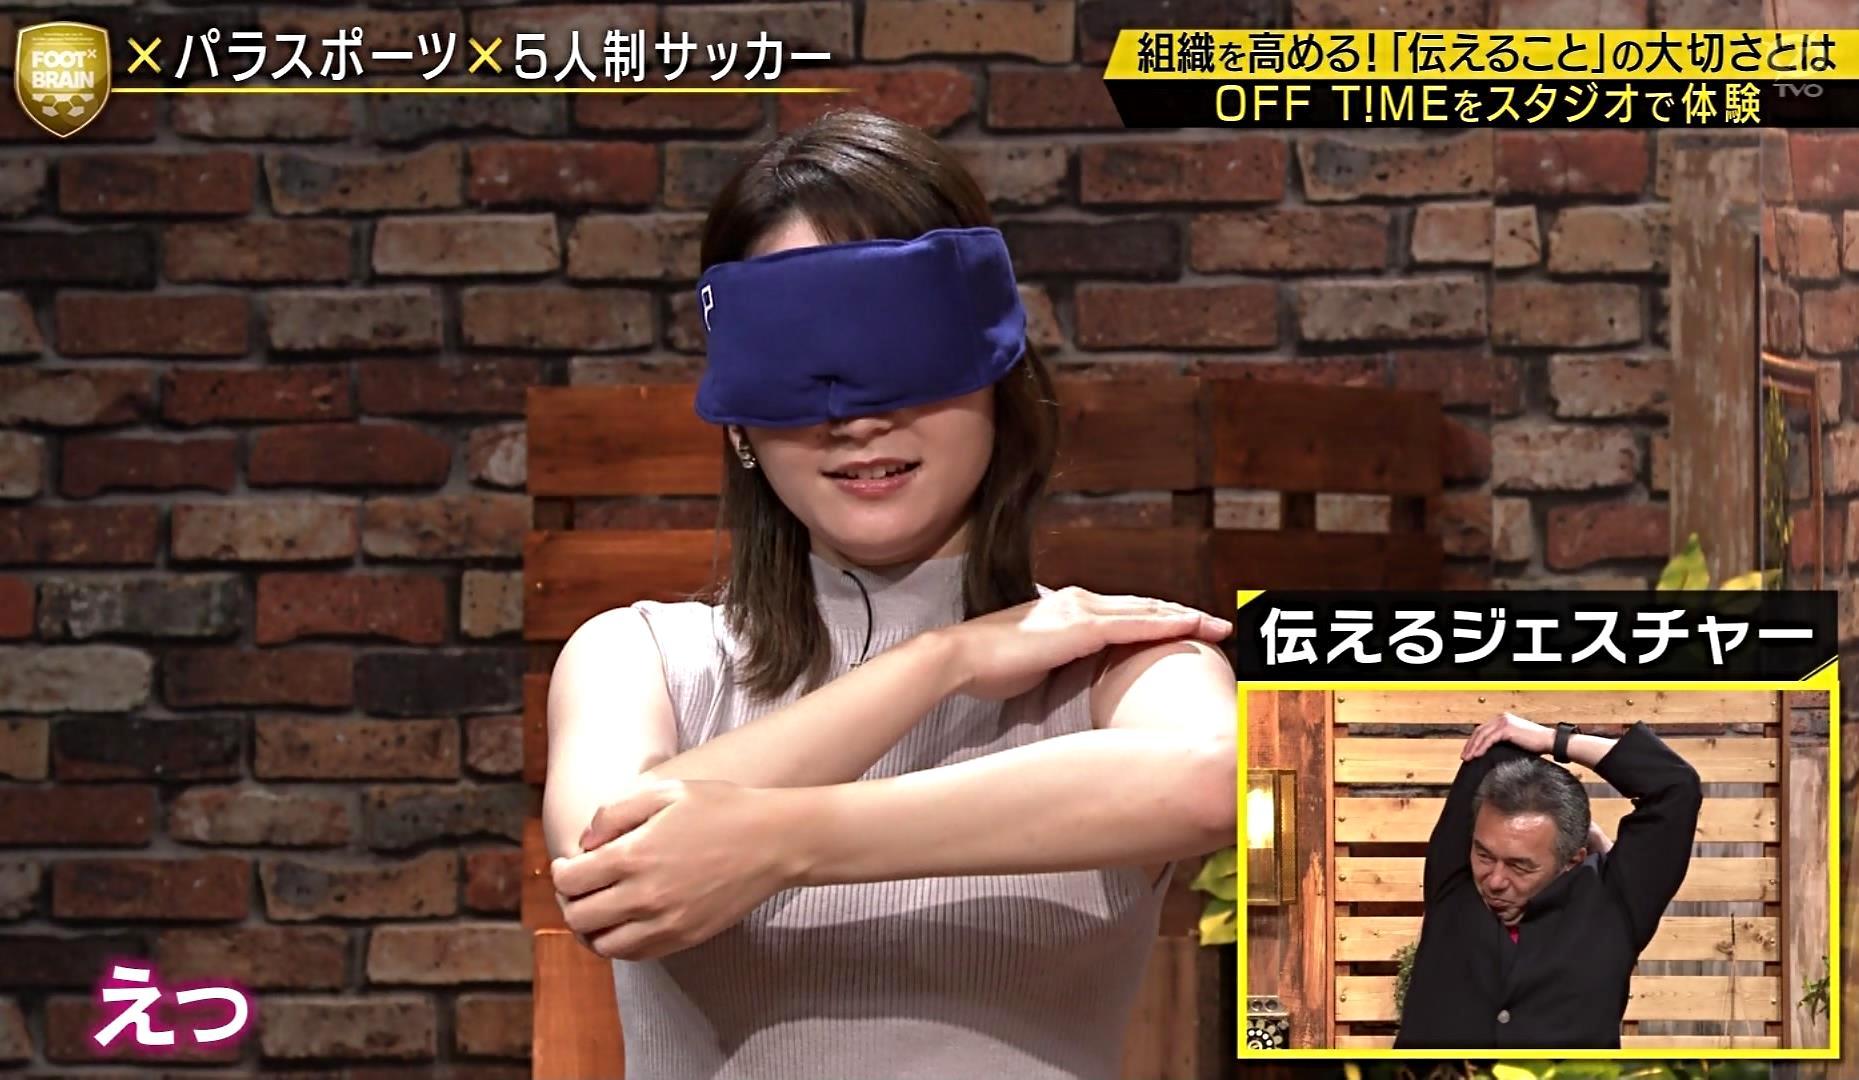 竹崎由佳の目隠し腋魅せ (4)